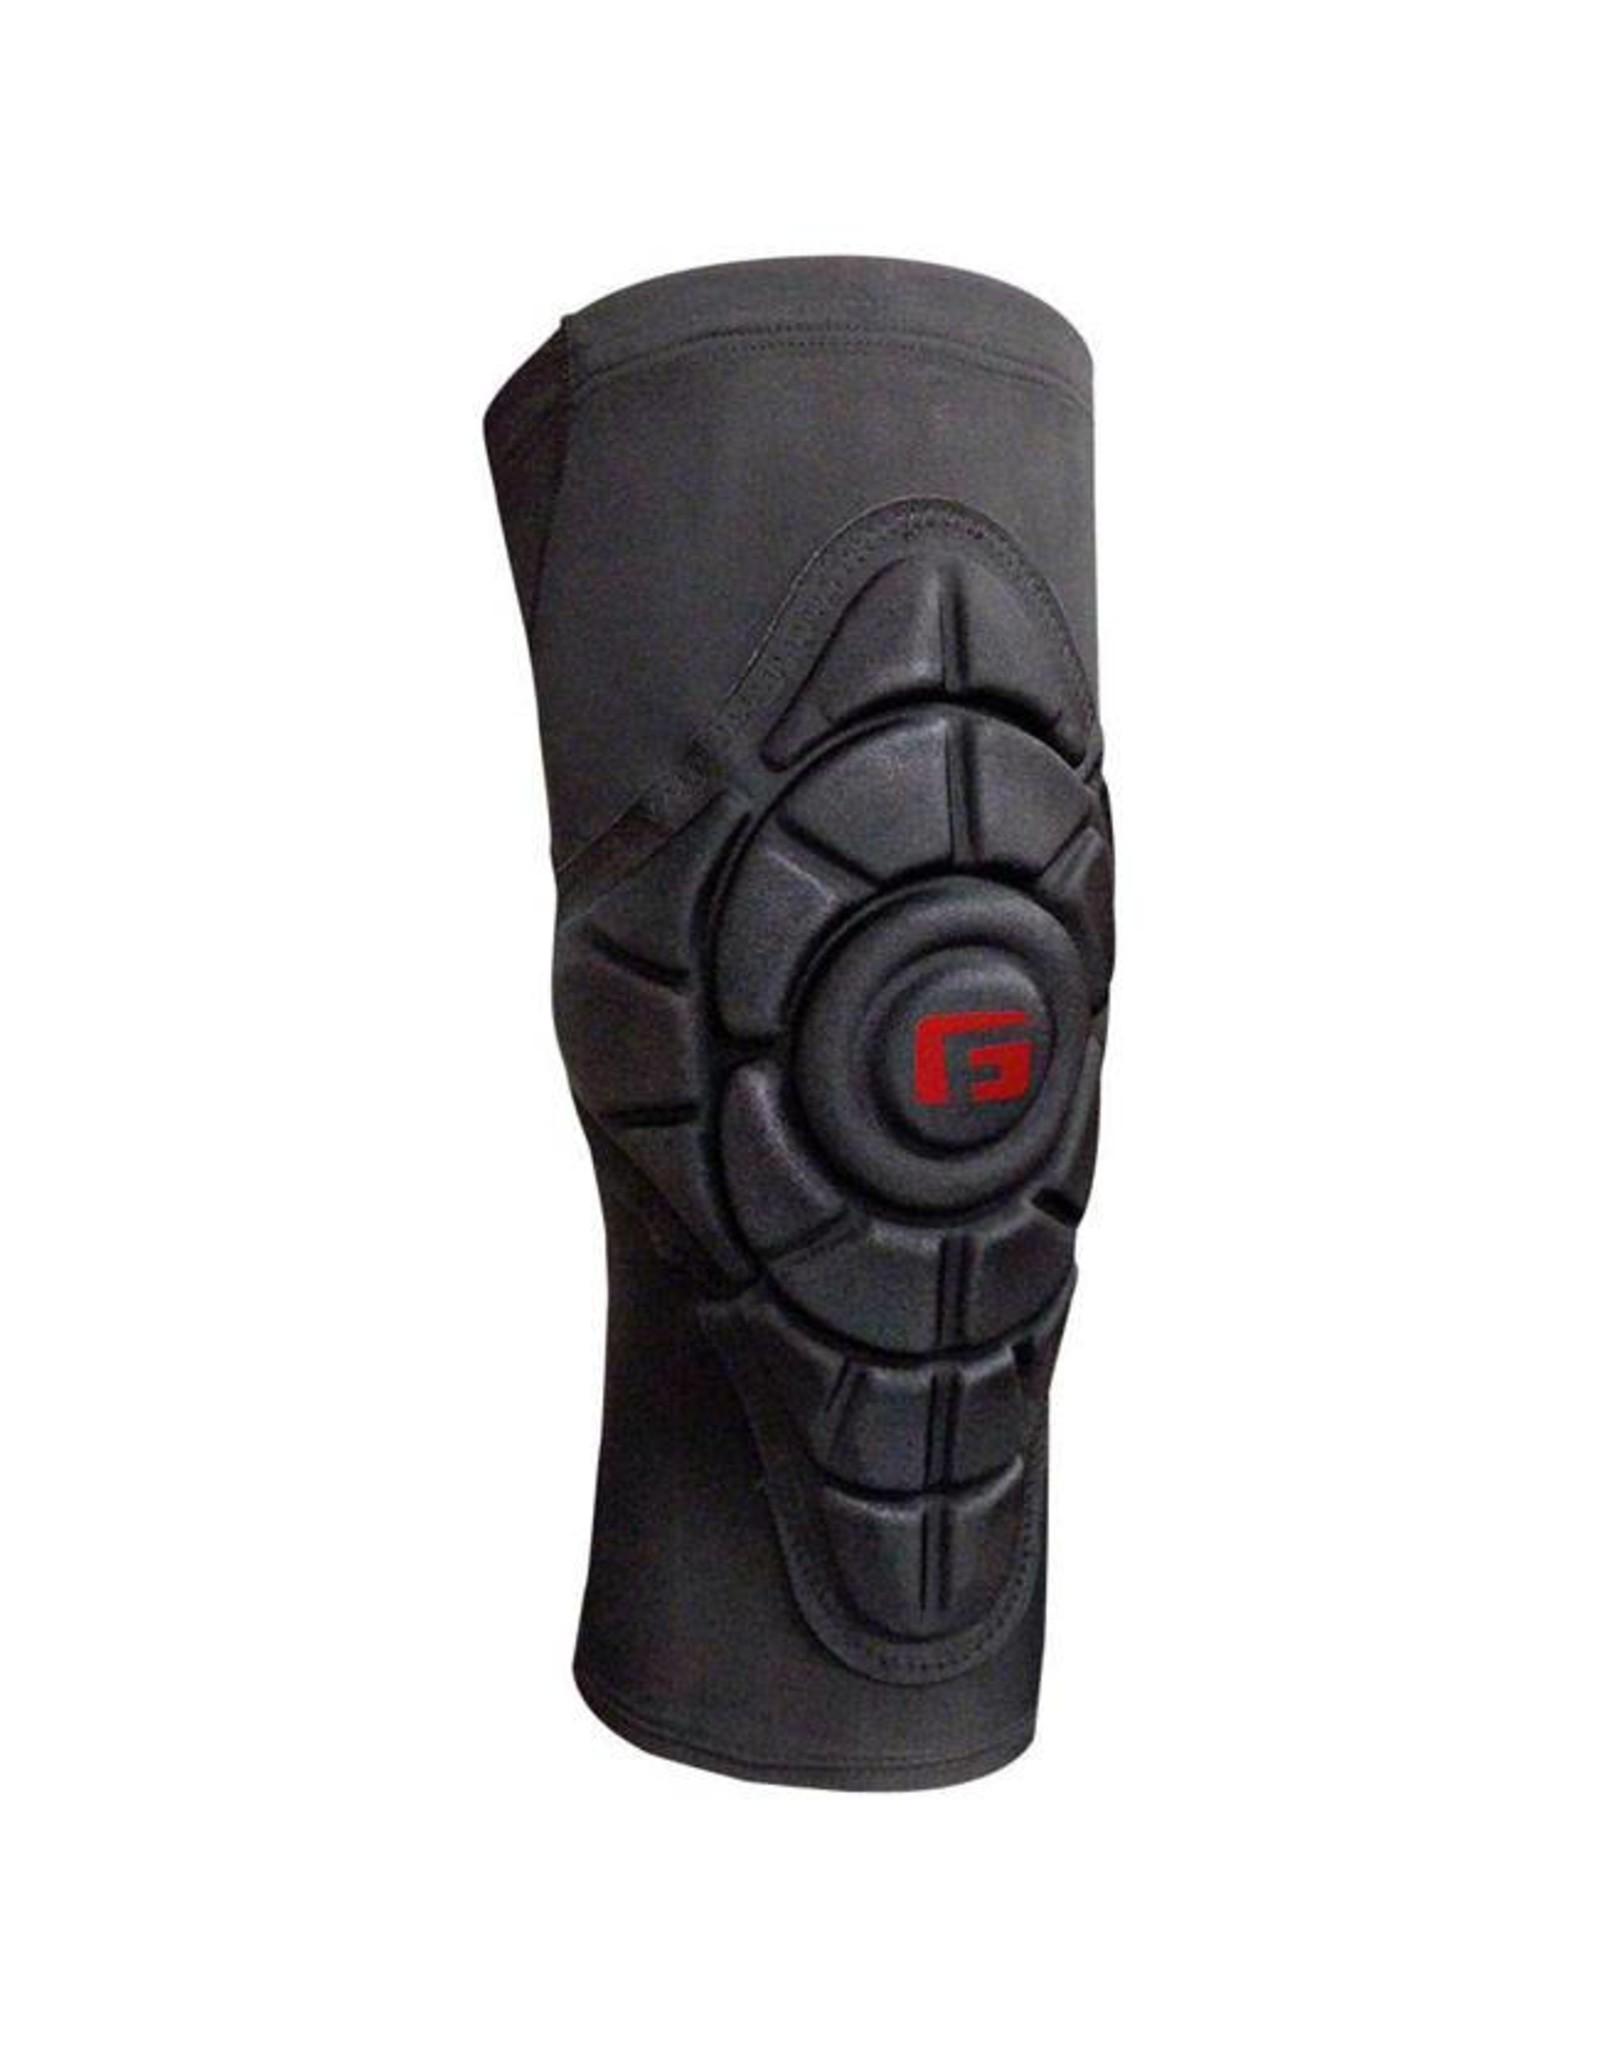 G-Form G-Form Pro Slide Knee Pad: Black SM